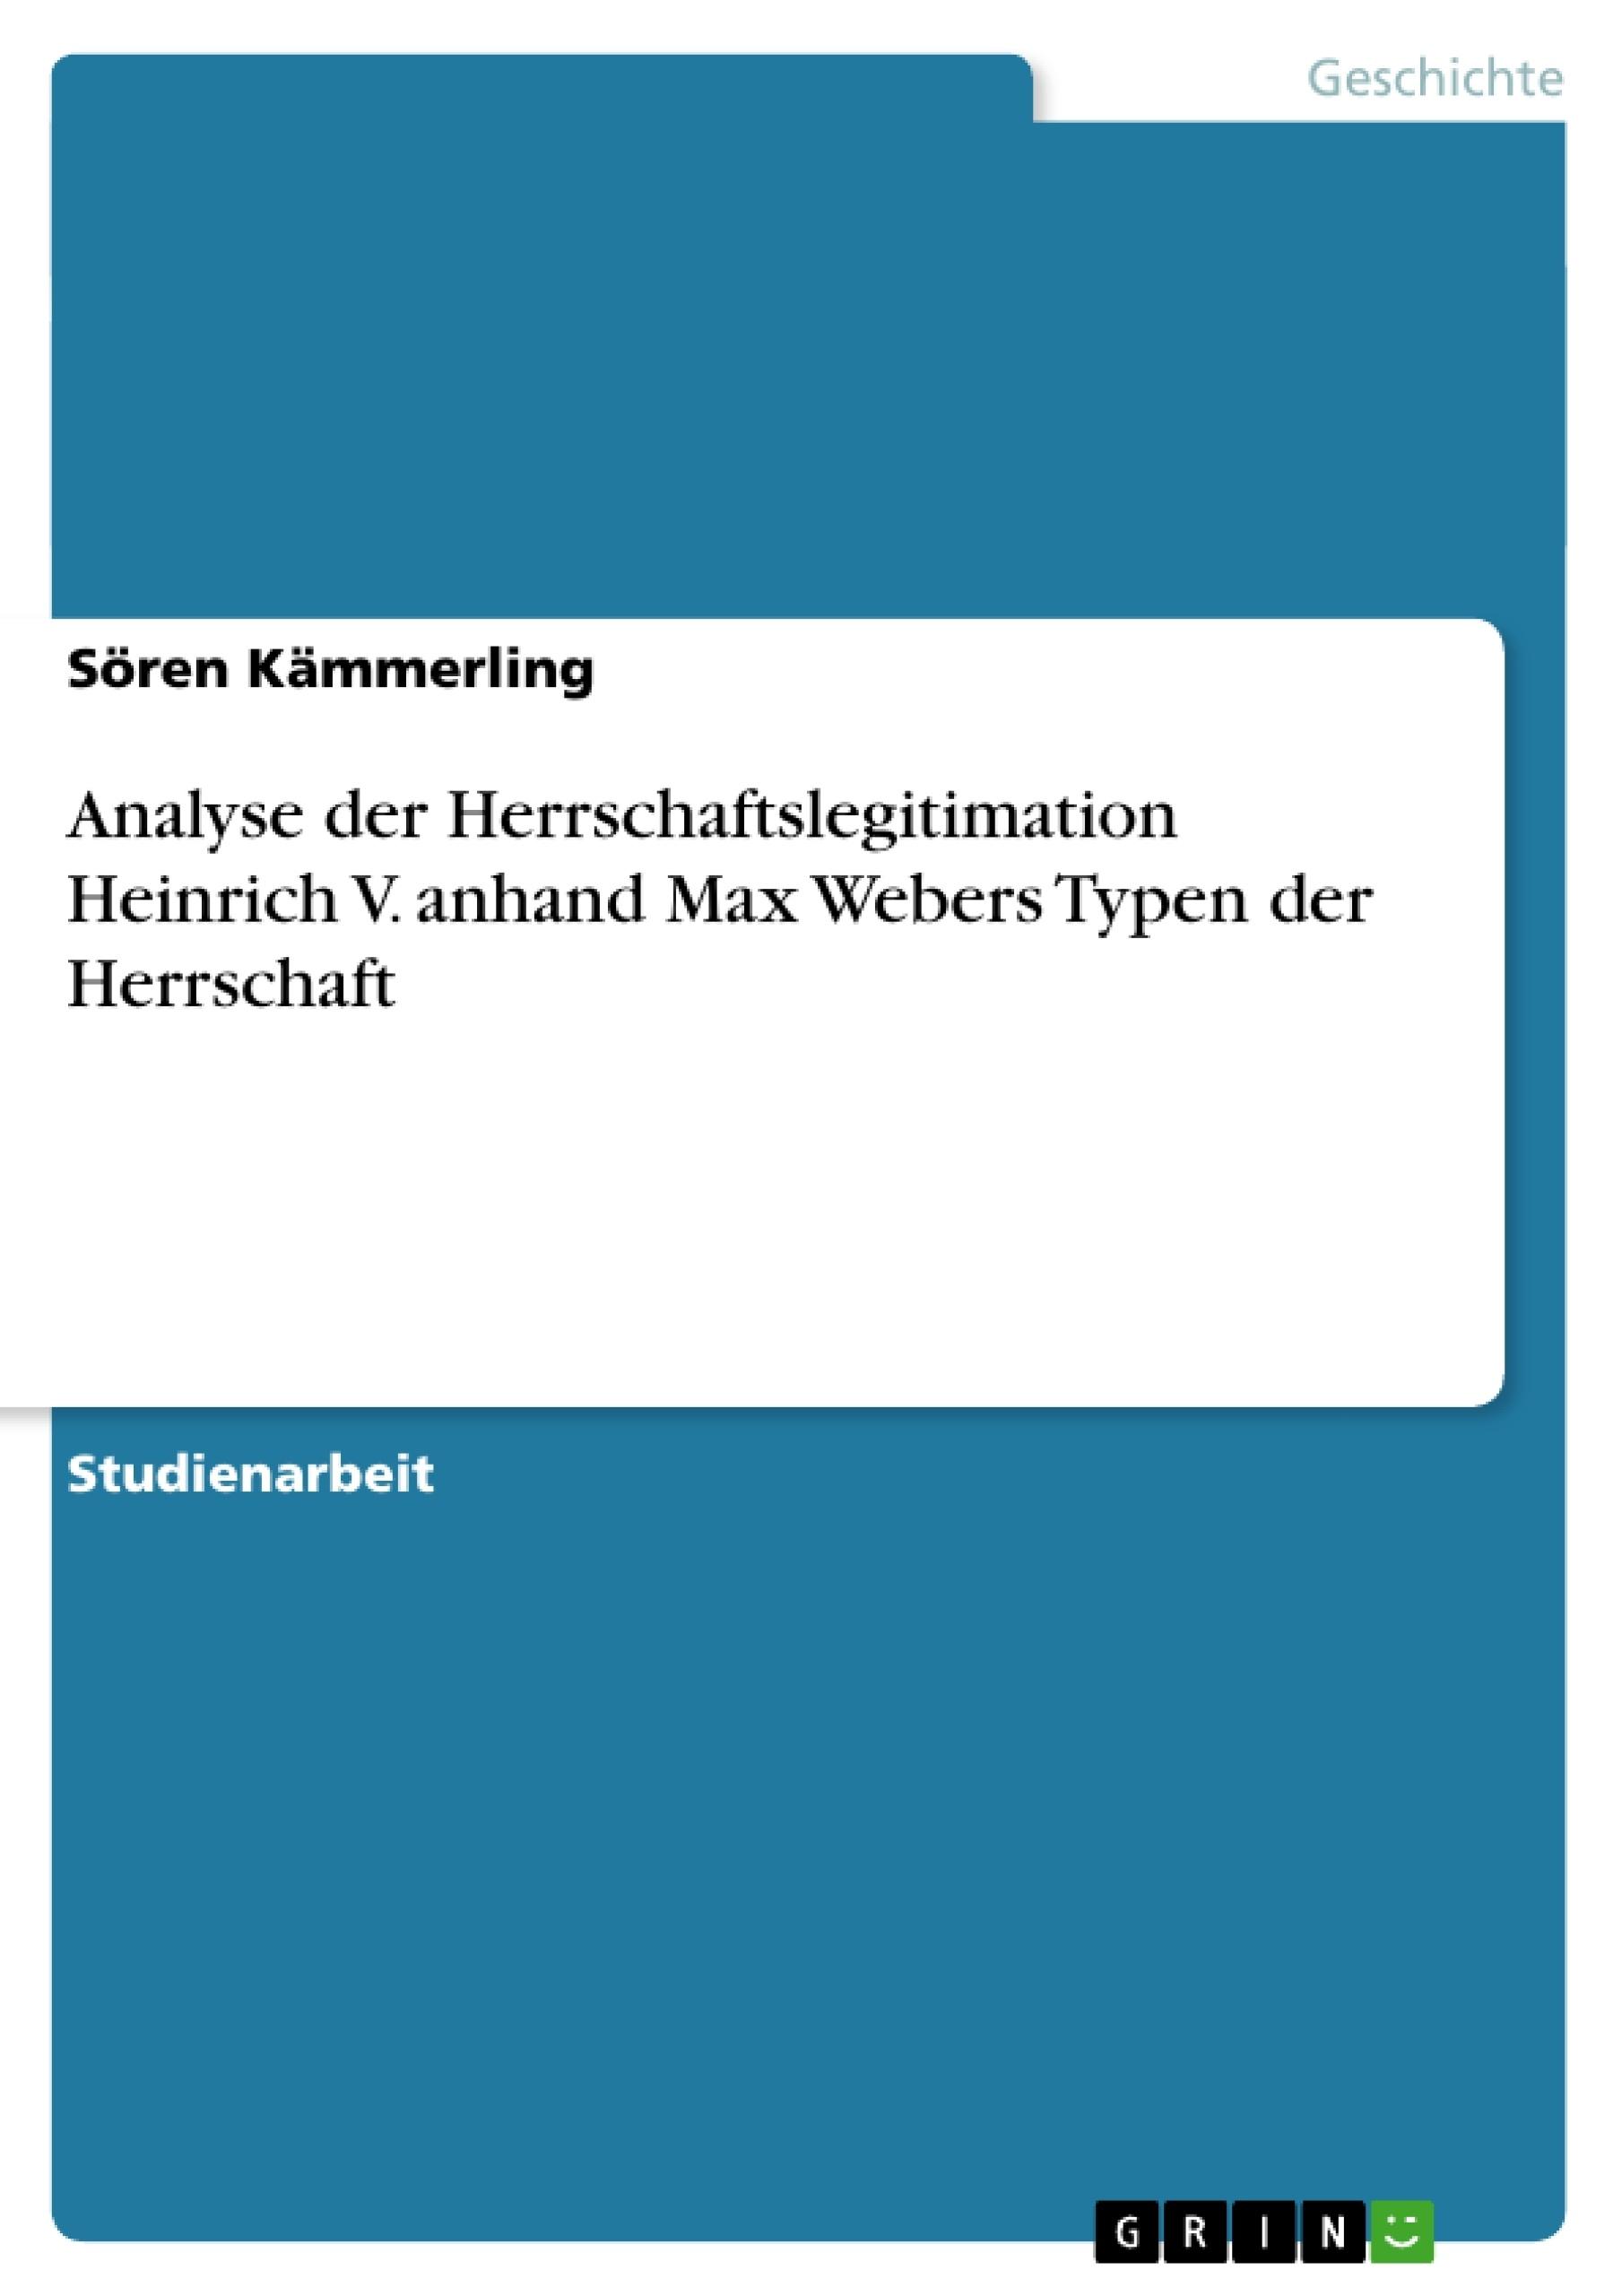 Titel: Analyse der Herrschaftslegitimation Heinrich V. anhand Max Webers Typen der Herrschaft